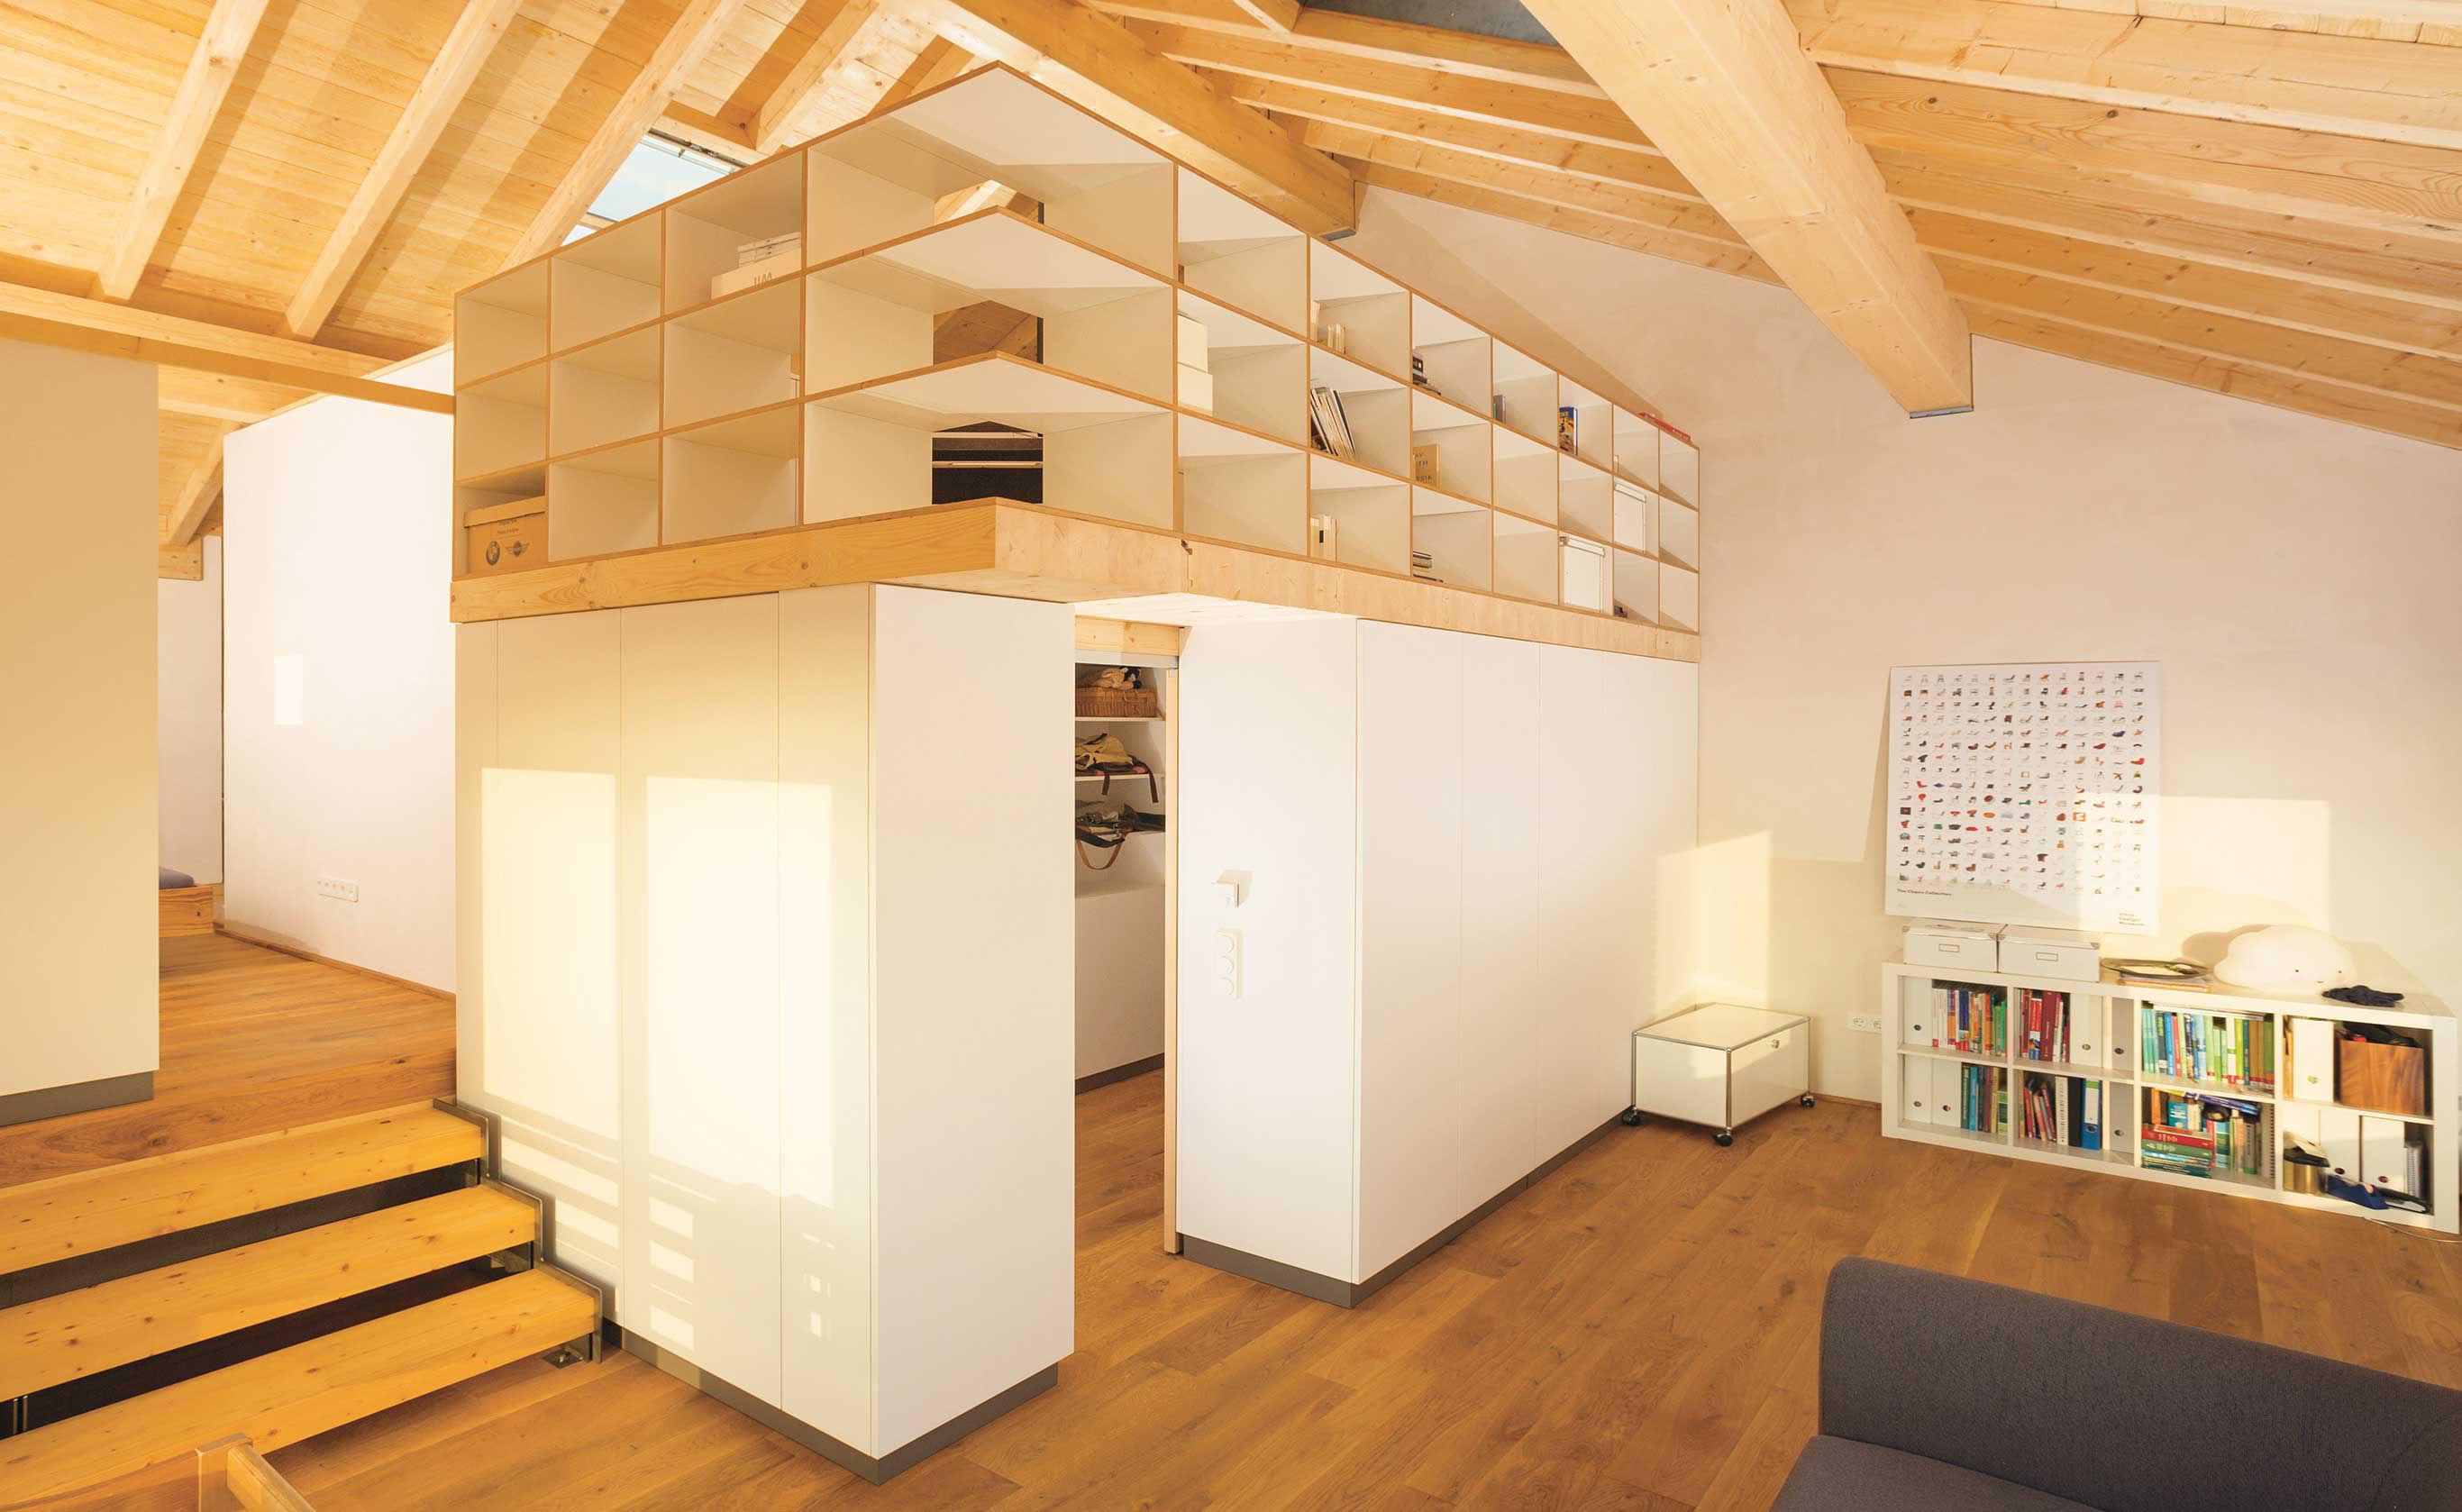 Moderner Holzbau, Innenansicht